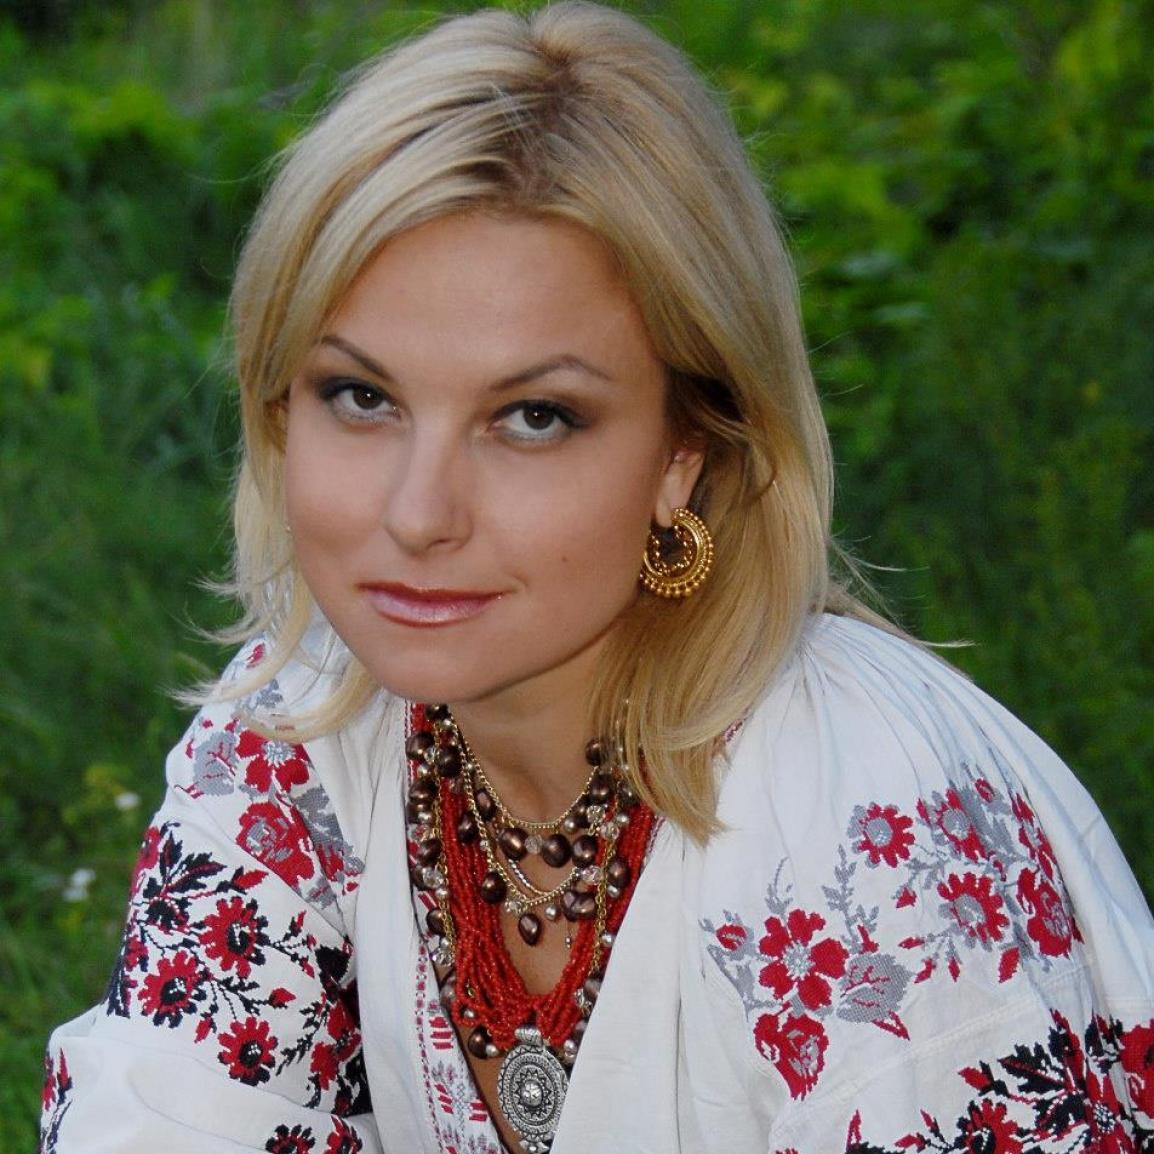 Фото российских и украинских звезд 5 фотография